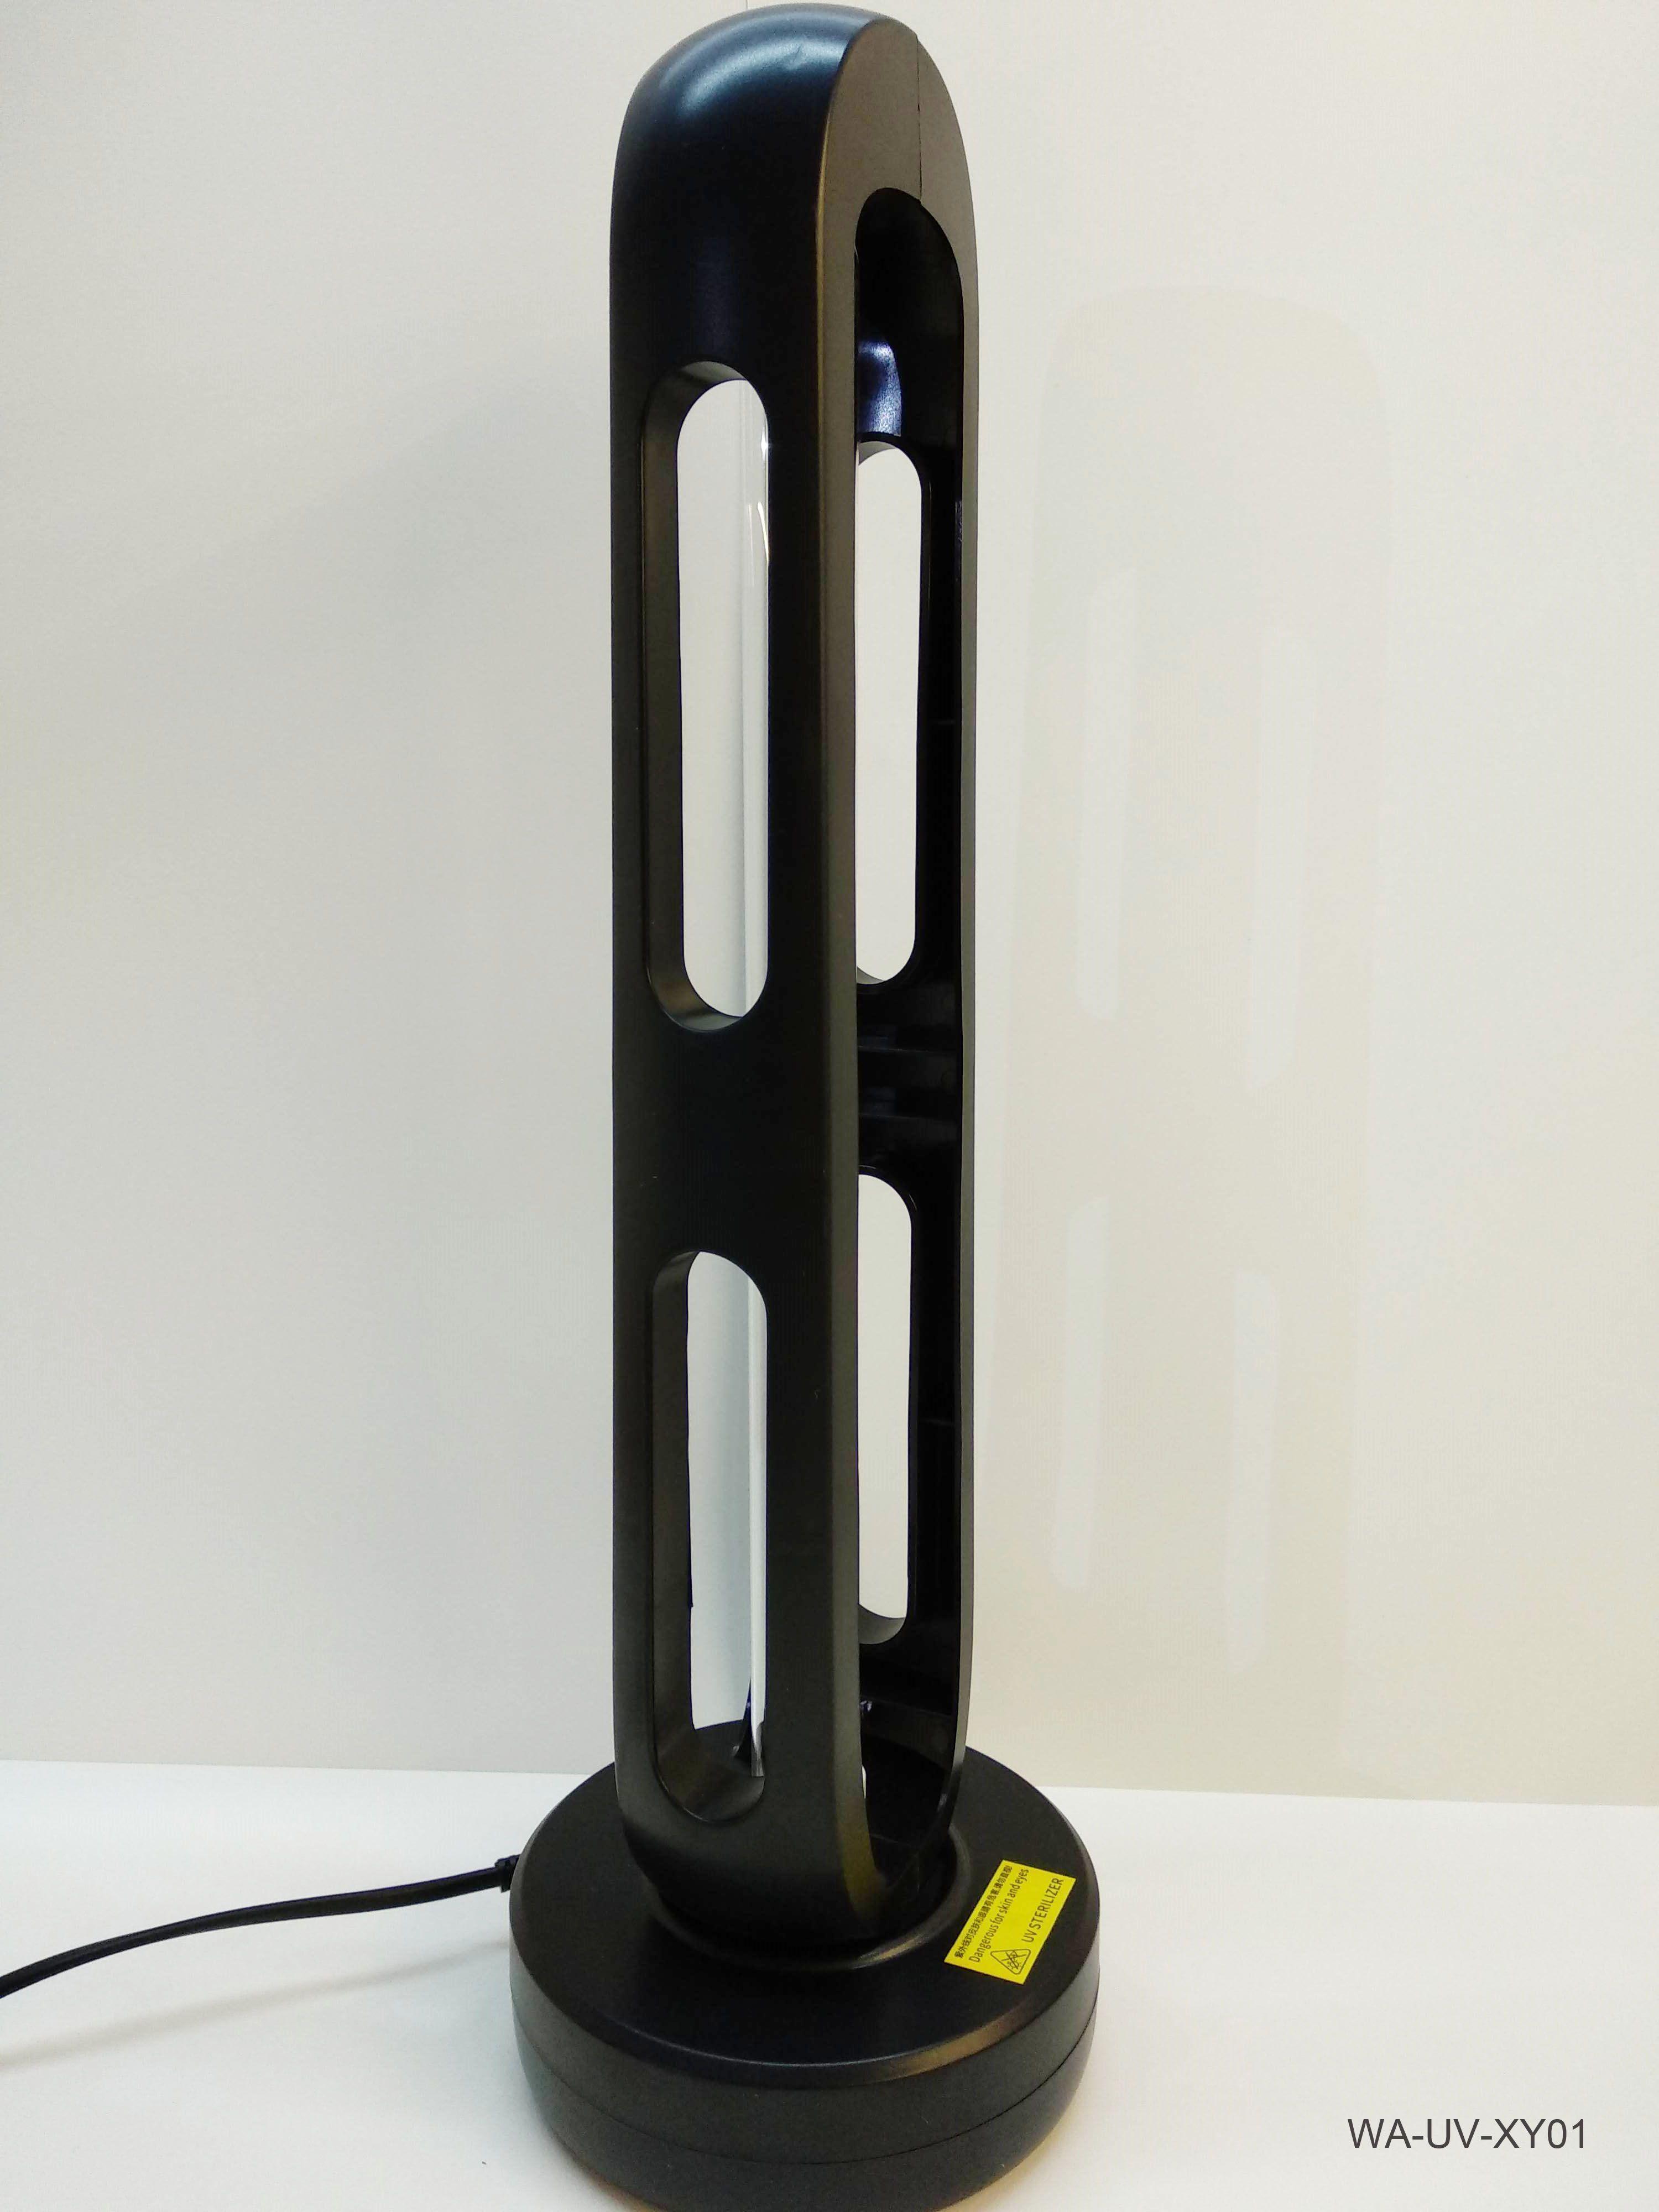 38W luces UV esterilizador de luz ultravioleta de desinfección del ozono cuarzo lámpara ultravioleta del hogar Lámparas UV germicida de luz de esterilización